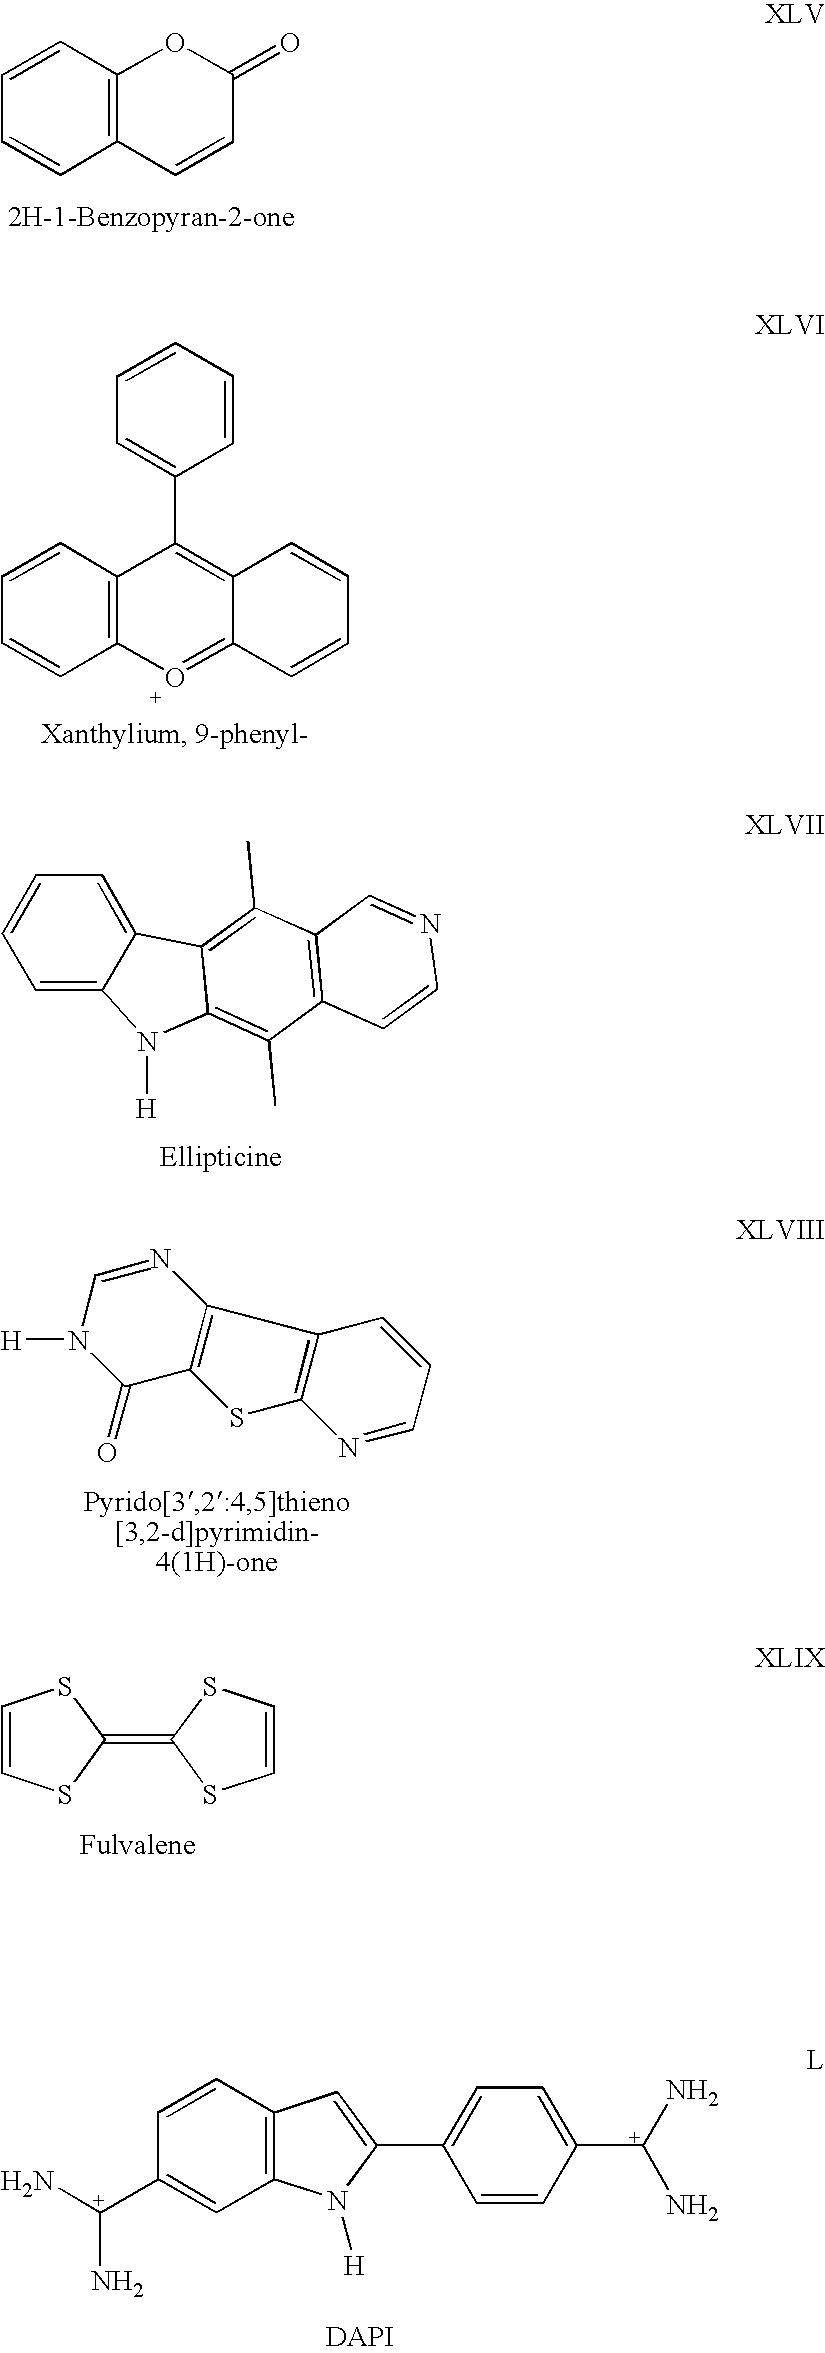 Figure US20060014144A1-20060119-C00071